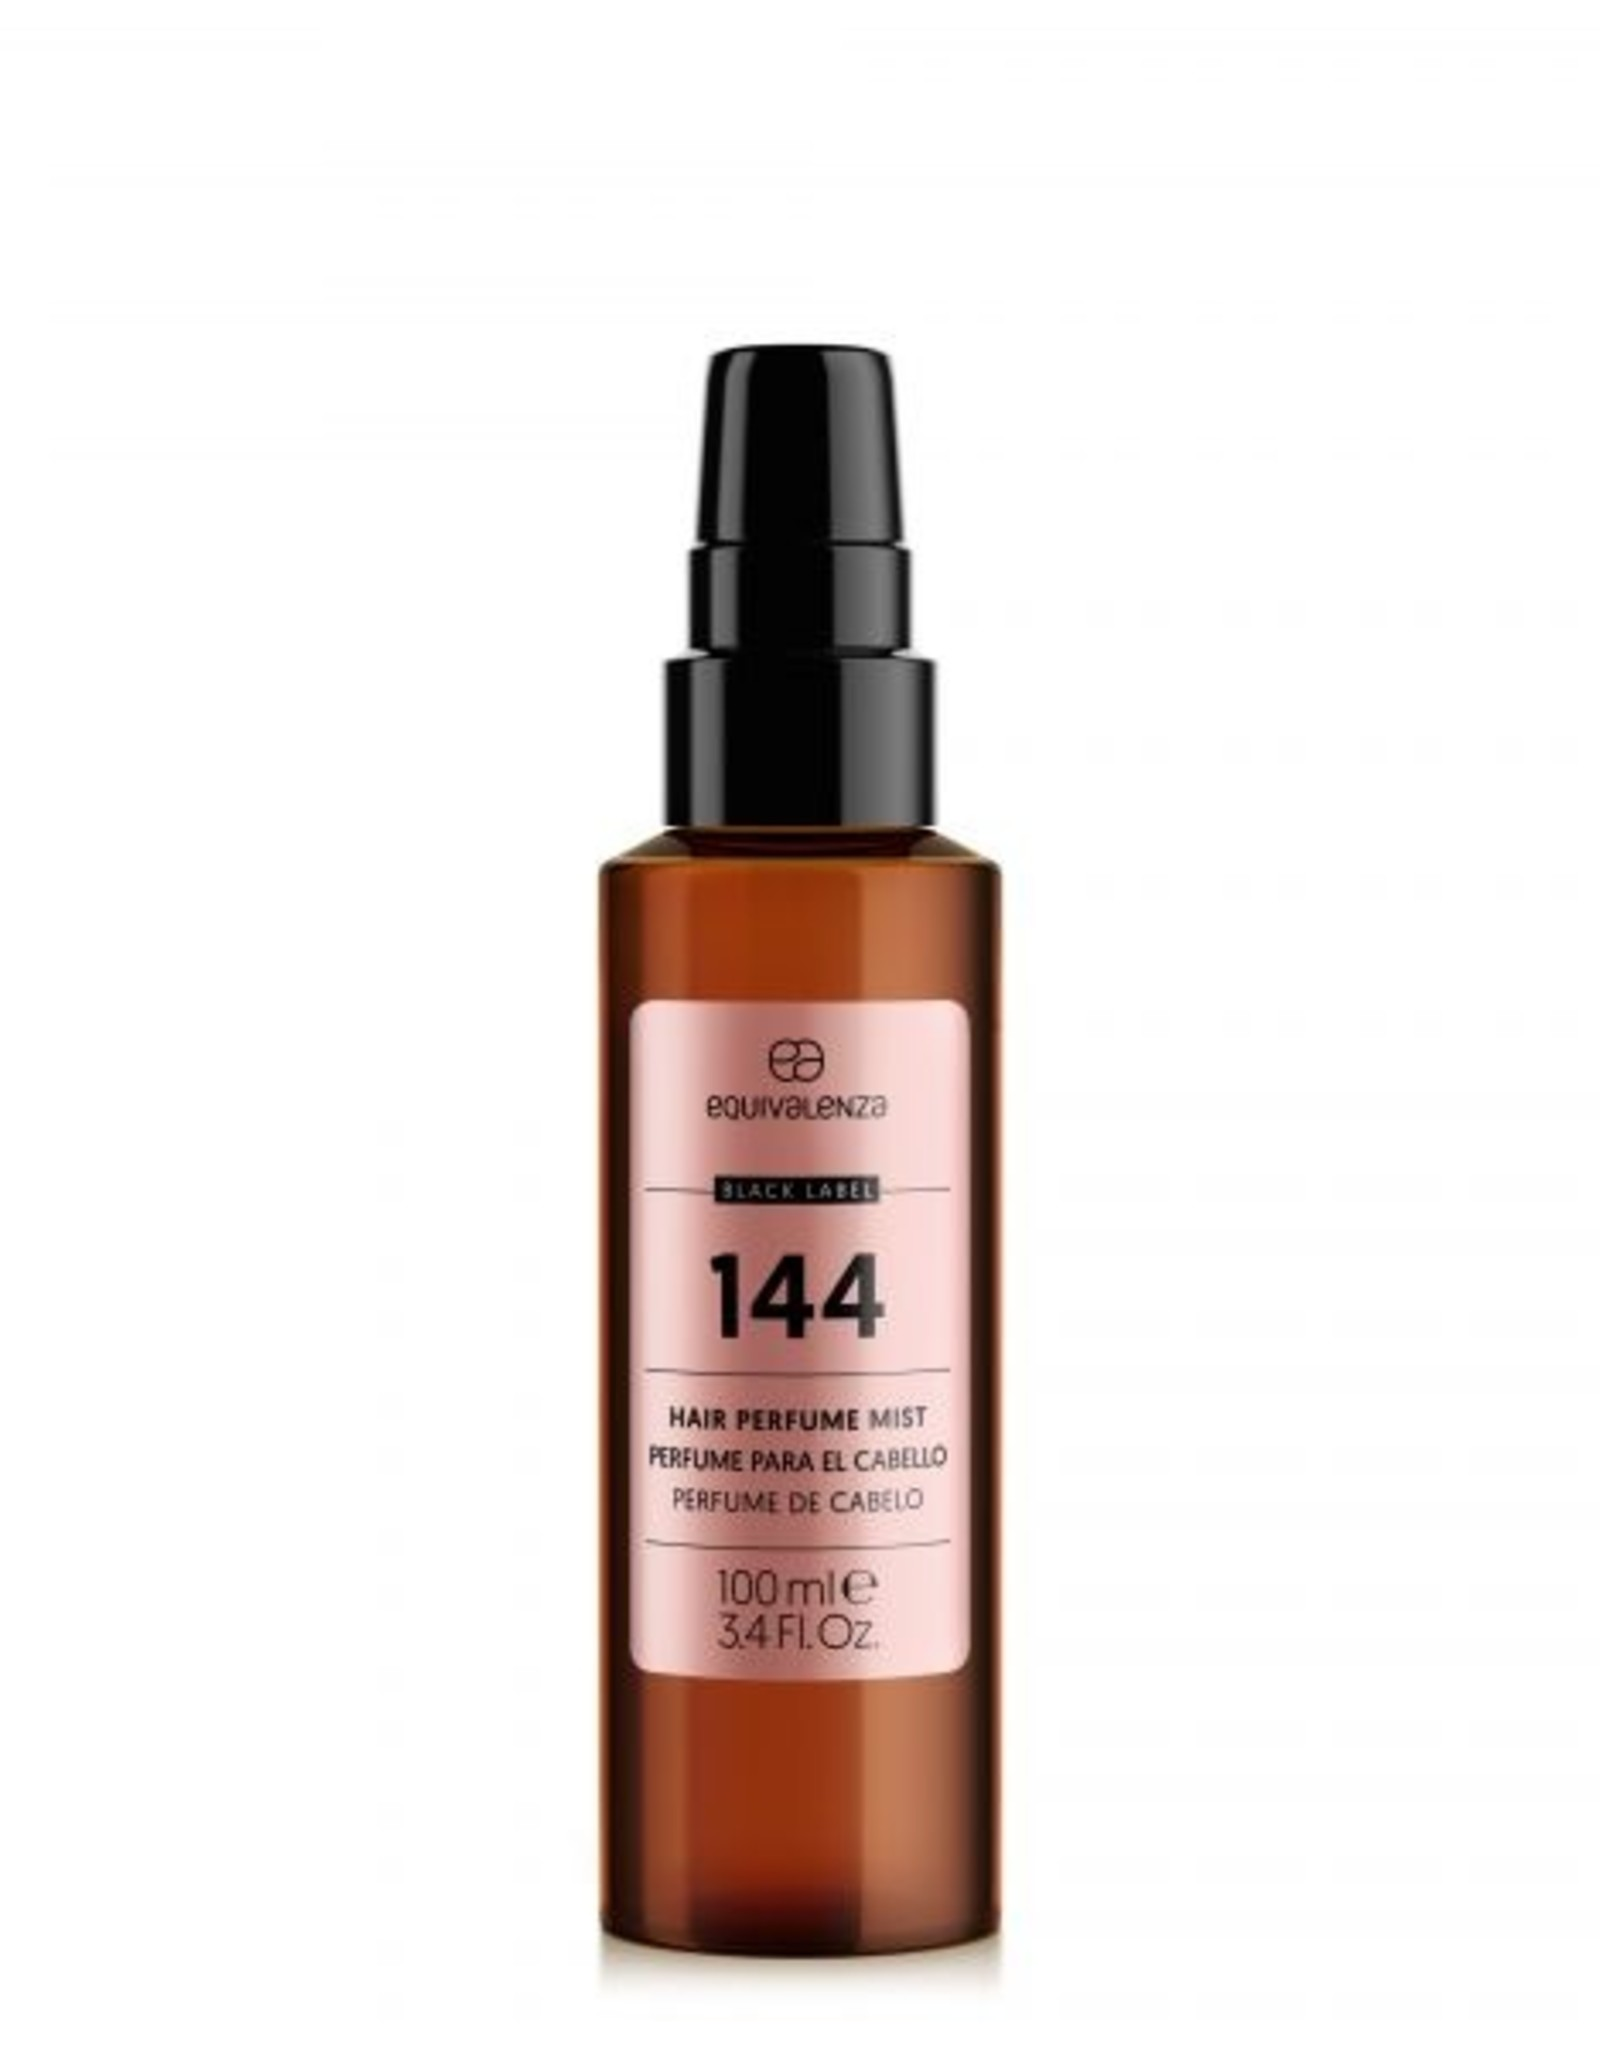 Equivalenza Parfum pour les Cheveux Black Label 144